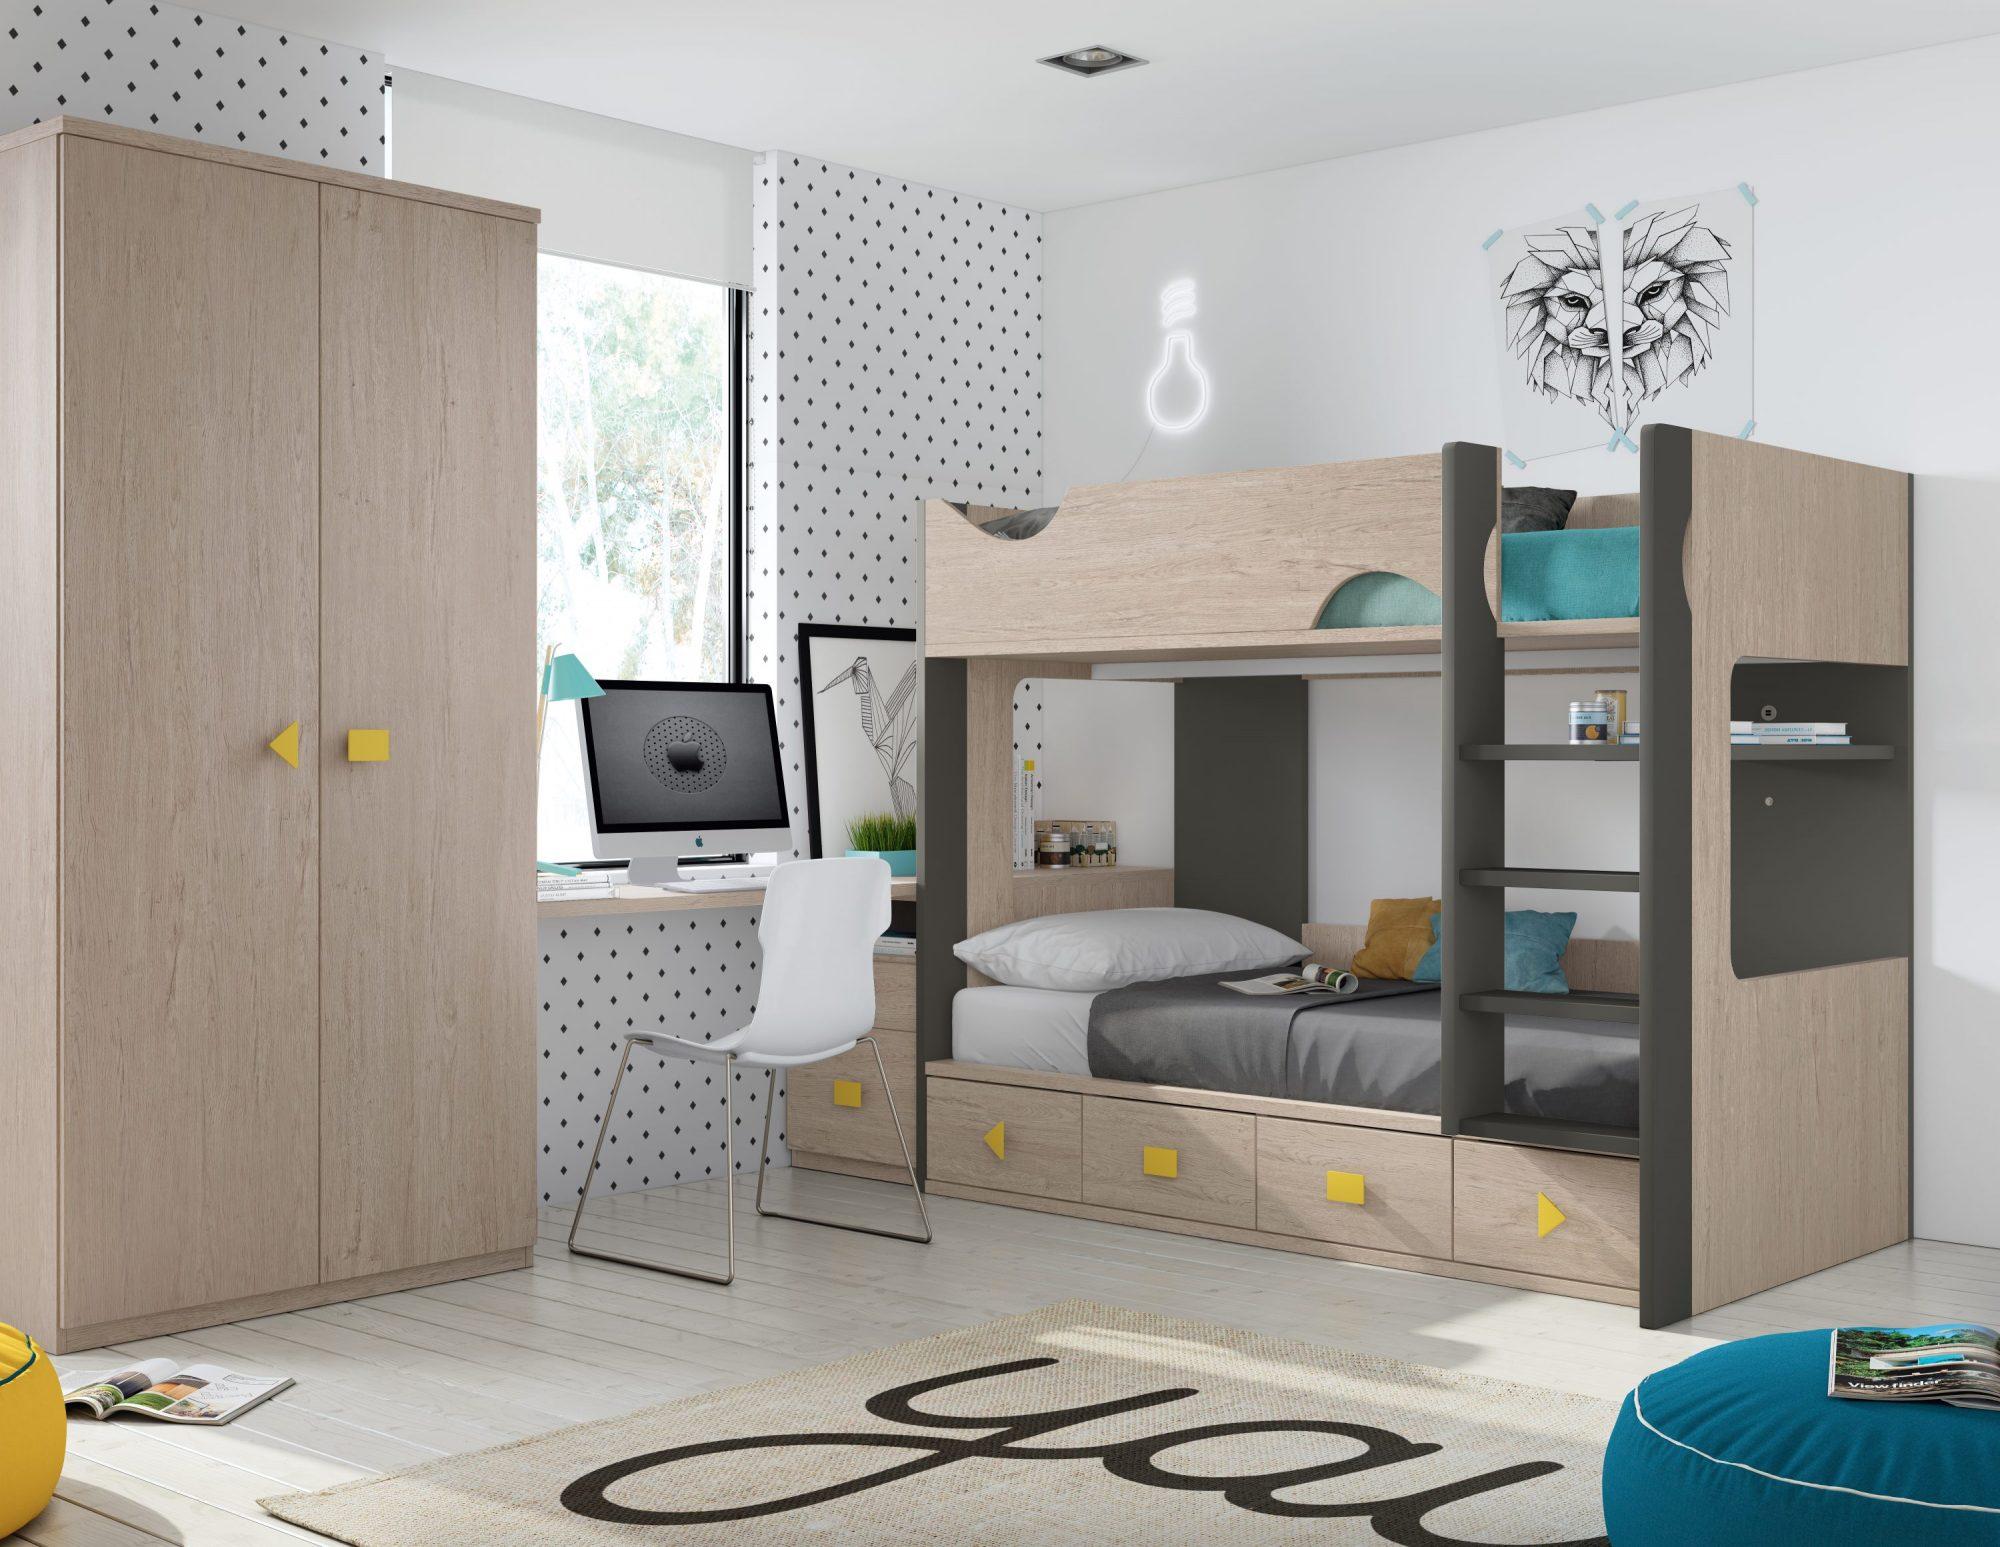 Elegante y diferente habitación con litera que consta de una práctica escalera y armario 2 puertas, arcón con cajones y estudio a medida. Gran gama de colores.